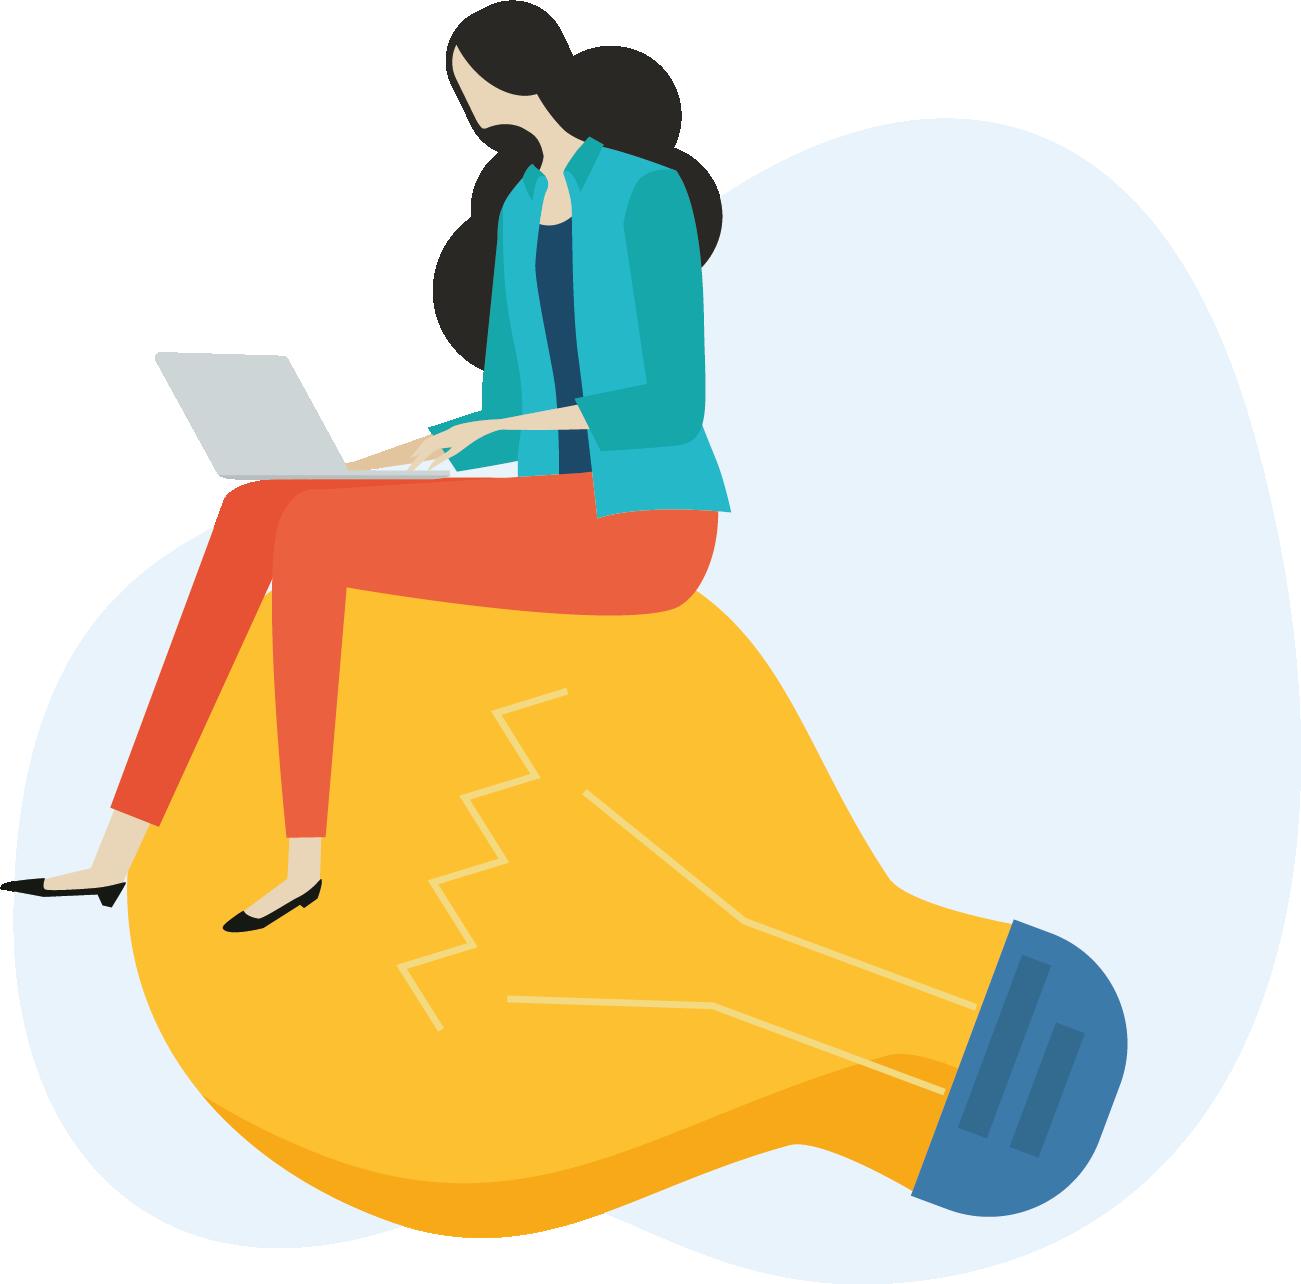 brainwriting methode uitleg voor online en offline